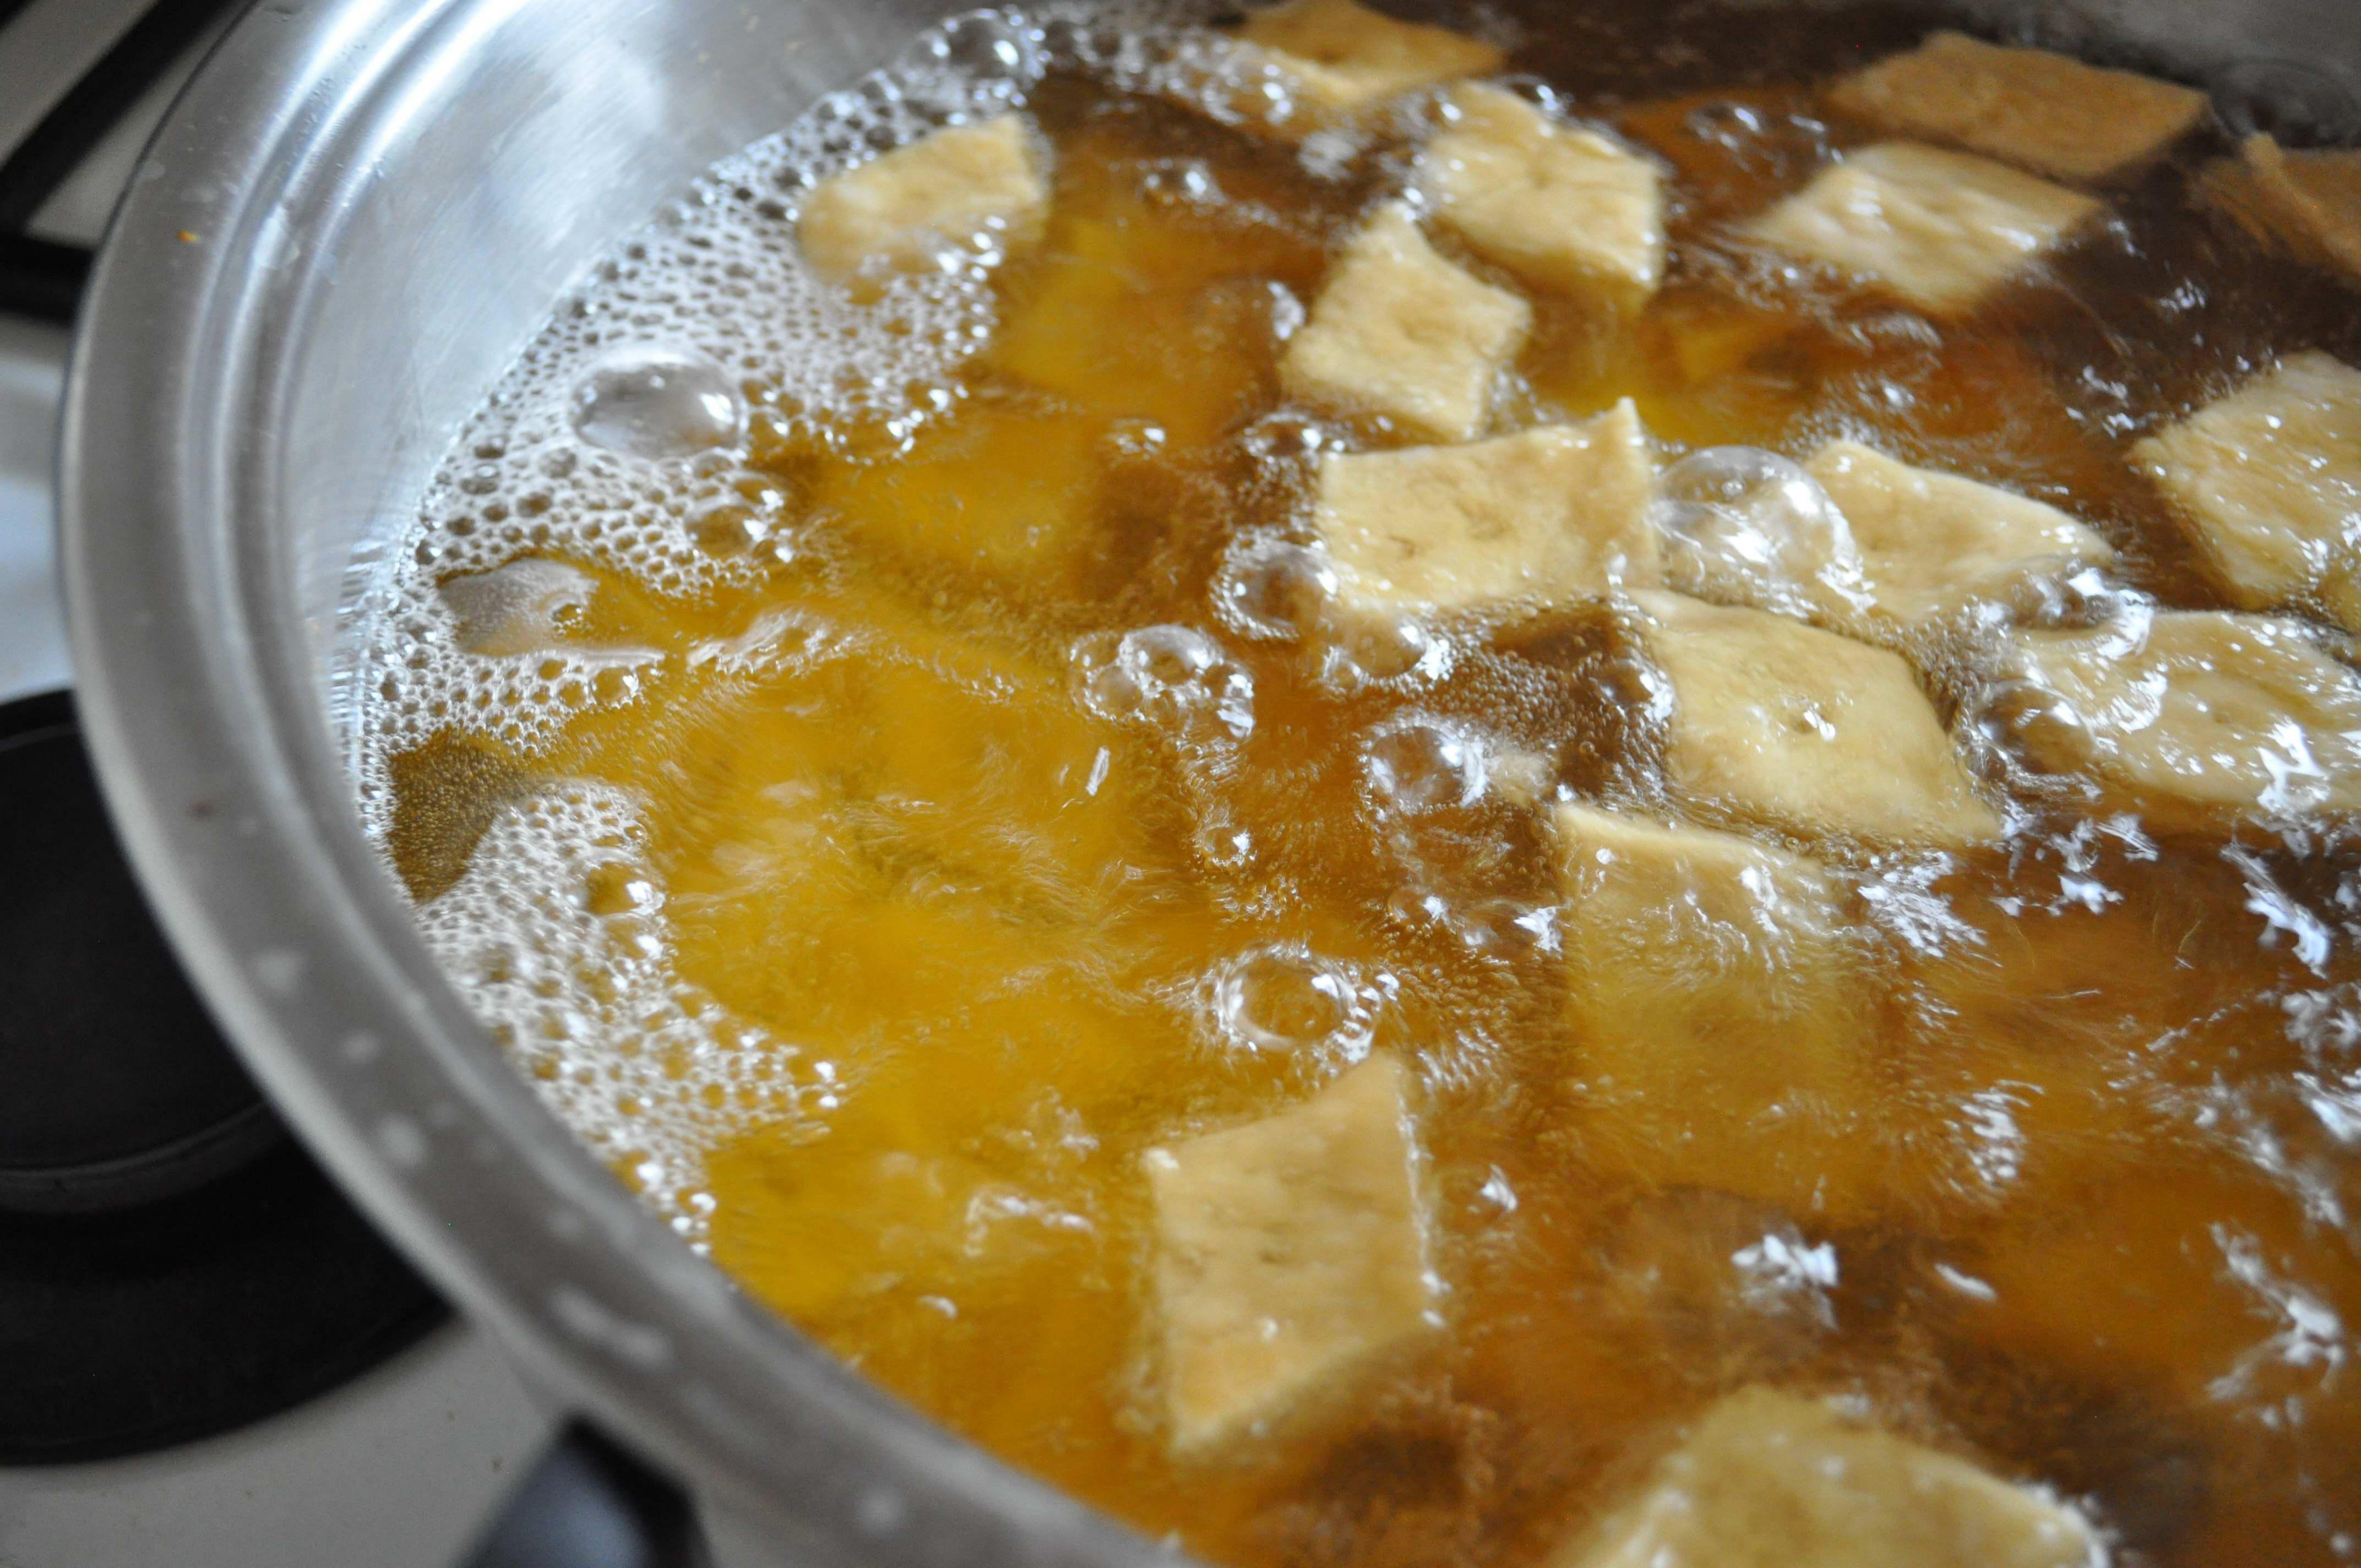 Yakwa frying in oil